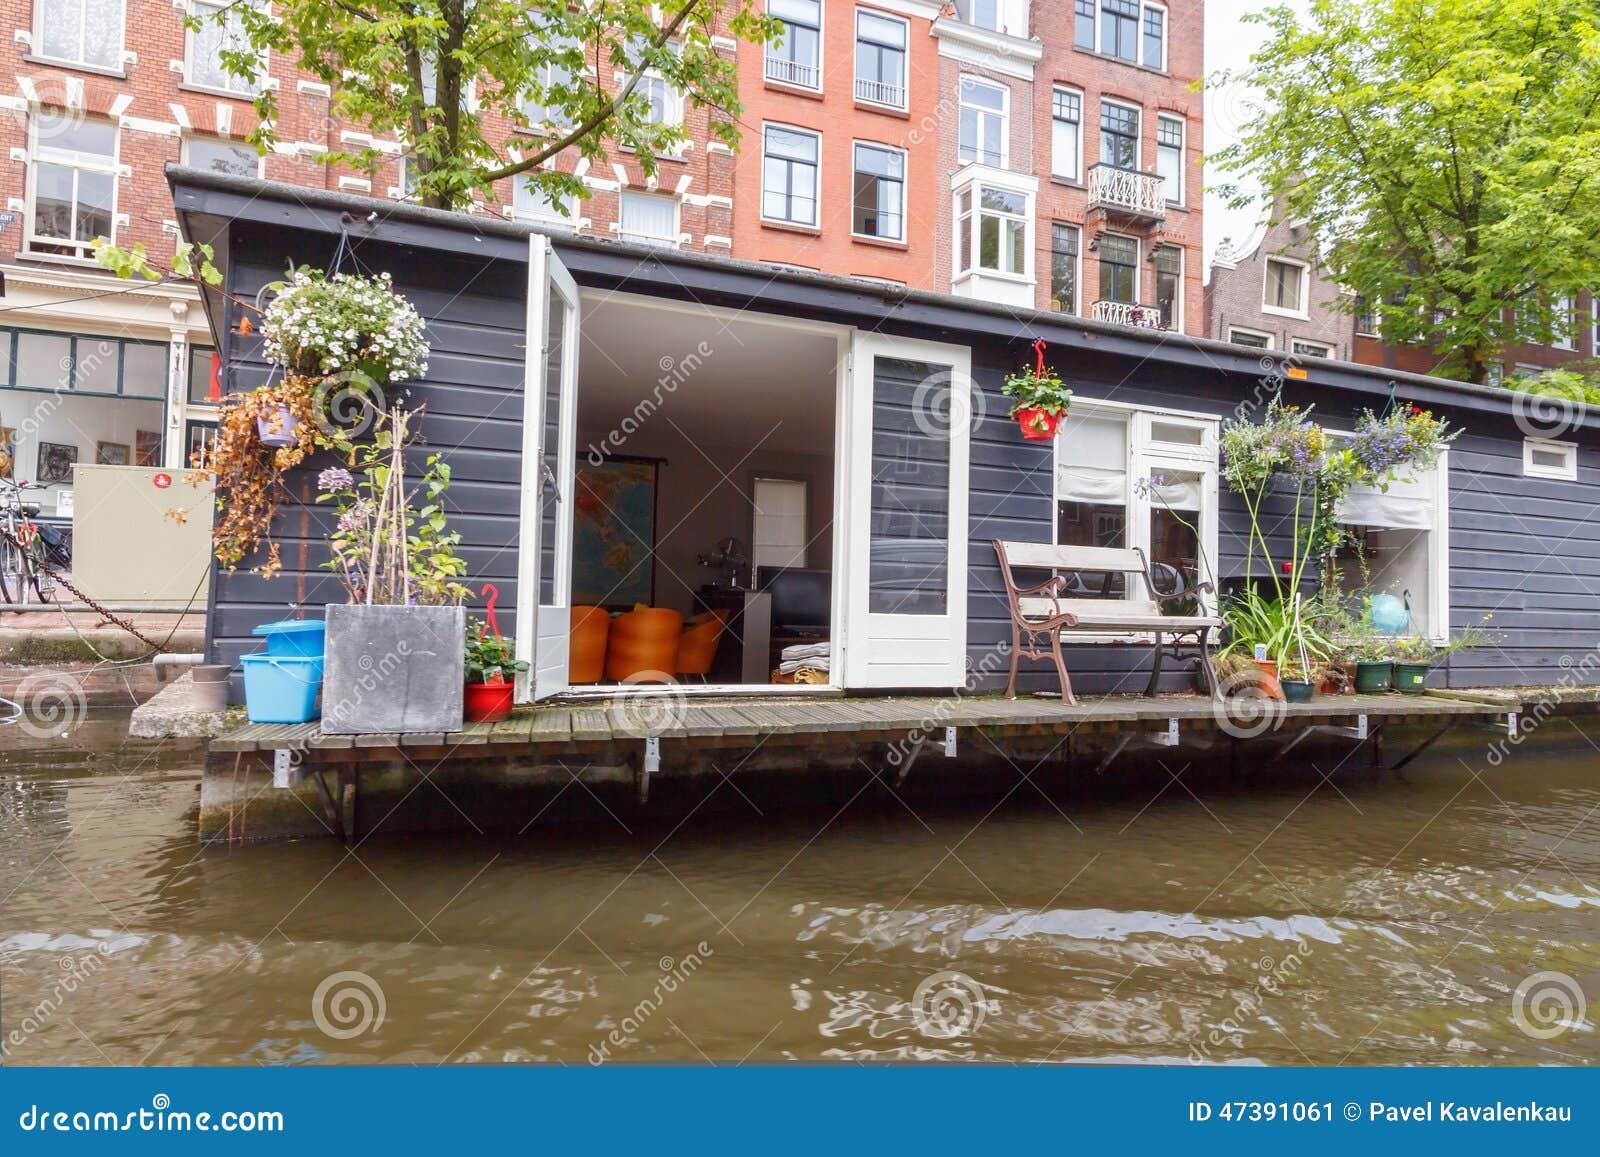 Casa galleggiante tradizionale sui canali di amsterdam for Houseboat amsterdam prezzi